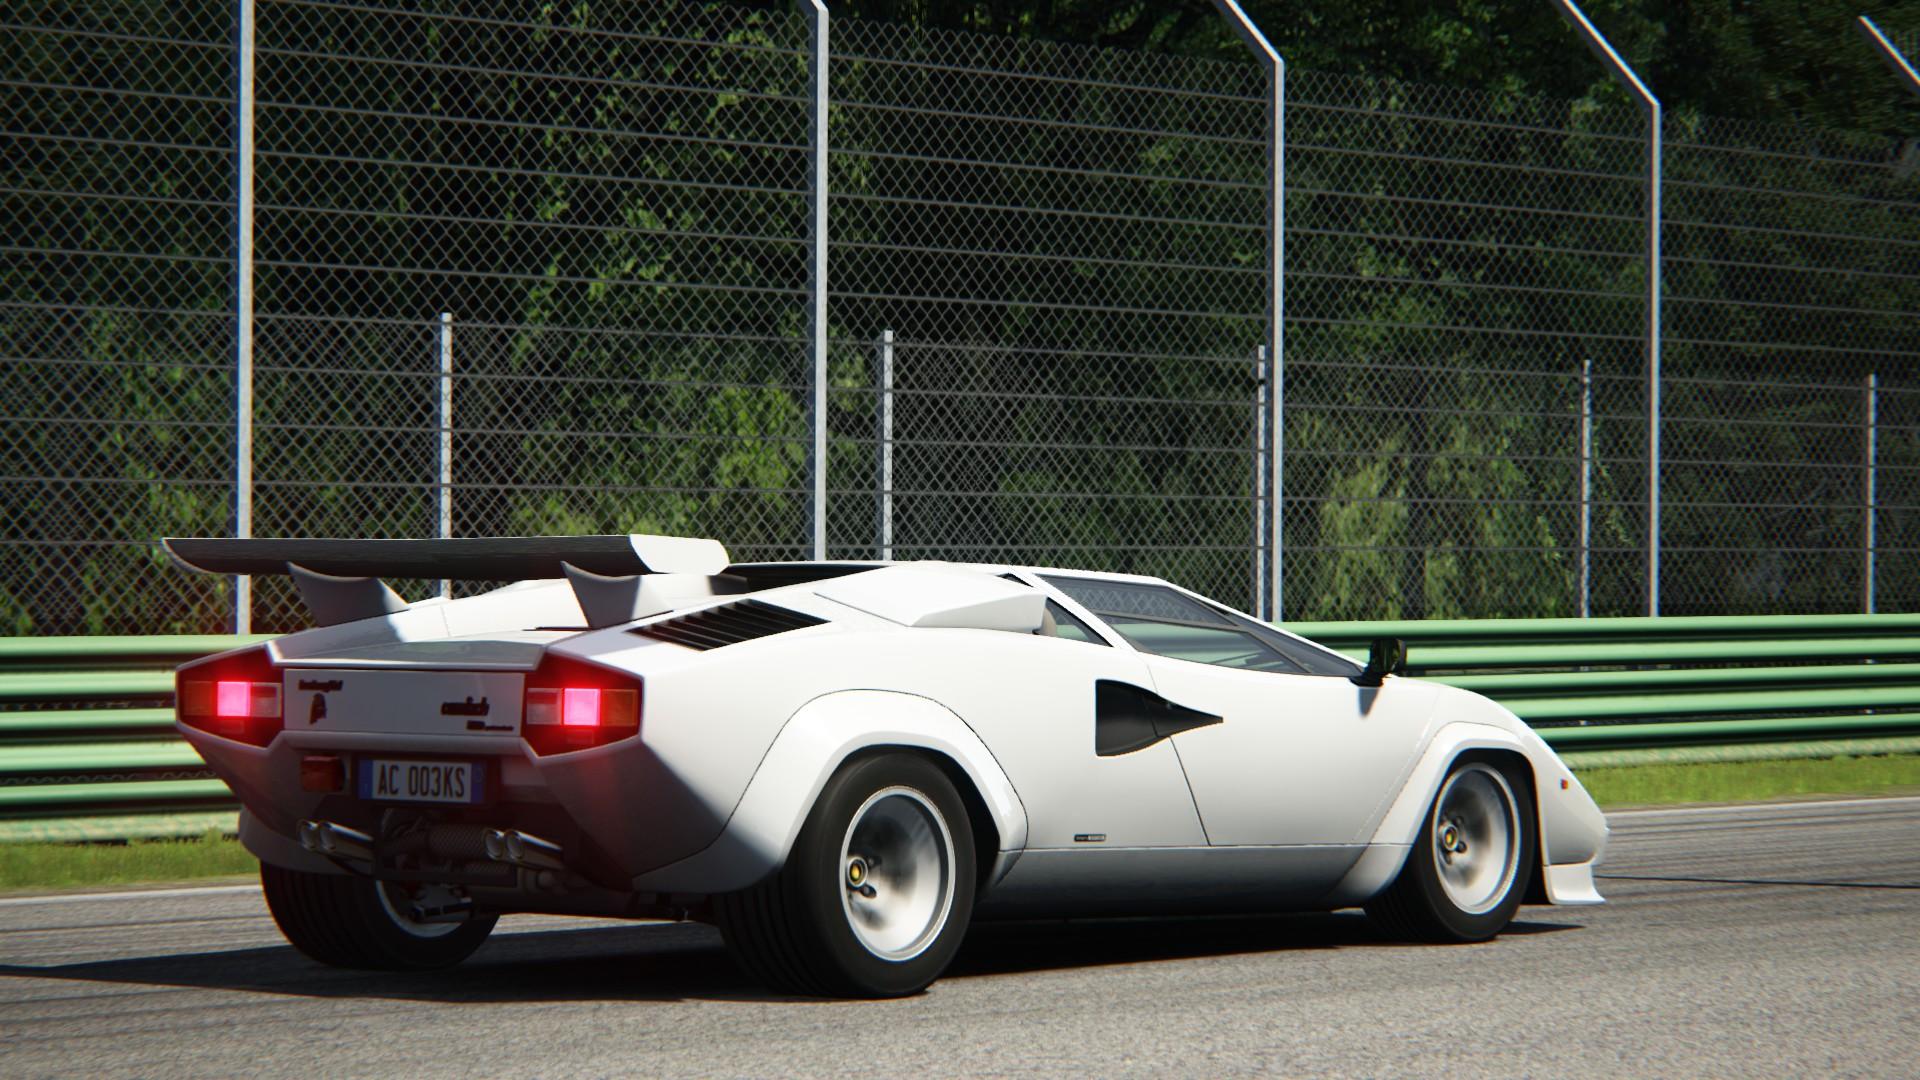 2015-11-01_00006 Extraordinary Lamborghini Countach Schwer Zu Fahren Cars Trend